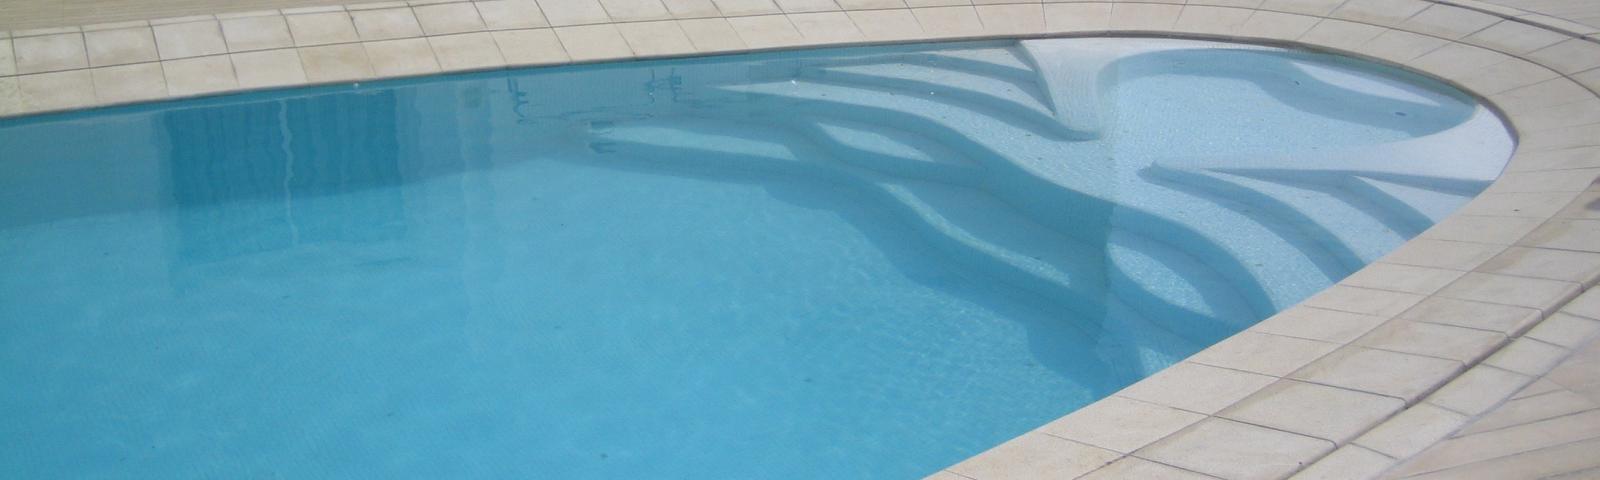 Zwembad tegels online bestellen tegelinfo for Zwembad tegels